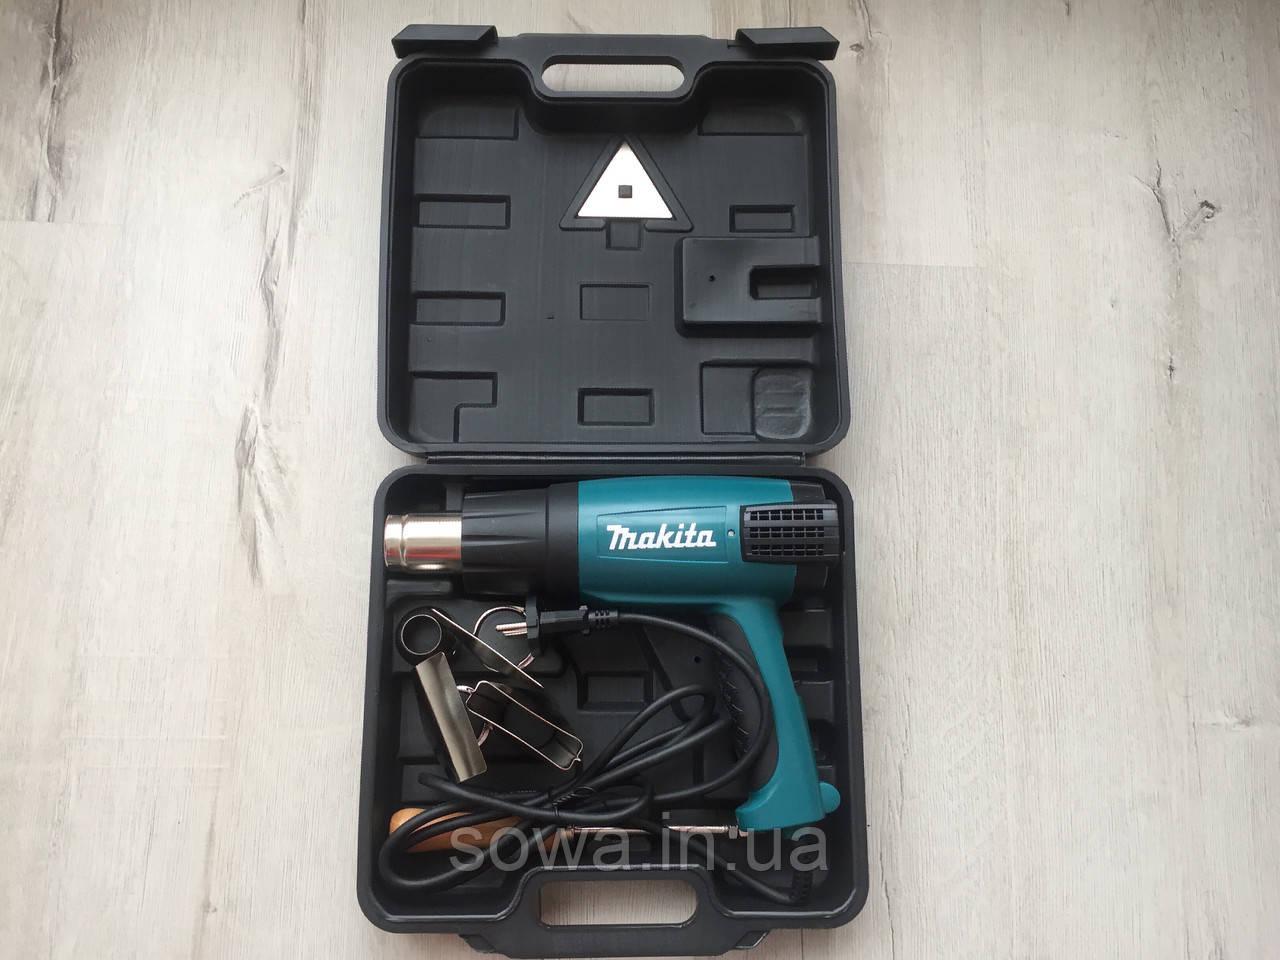 ✔️ Технический фен Makita HG6005  | 2000W | 400 - 600ºC